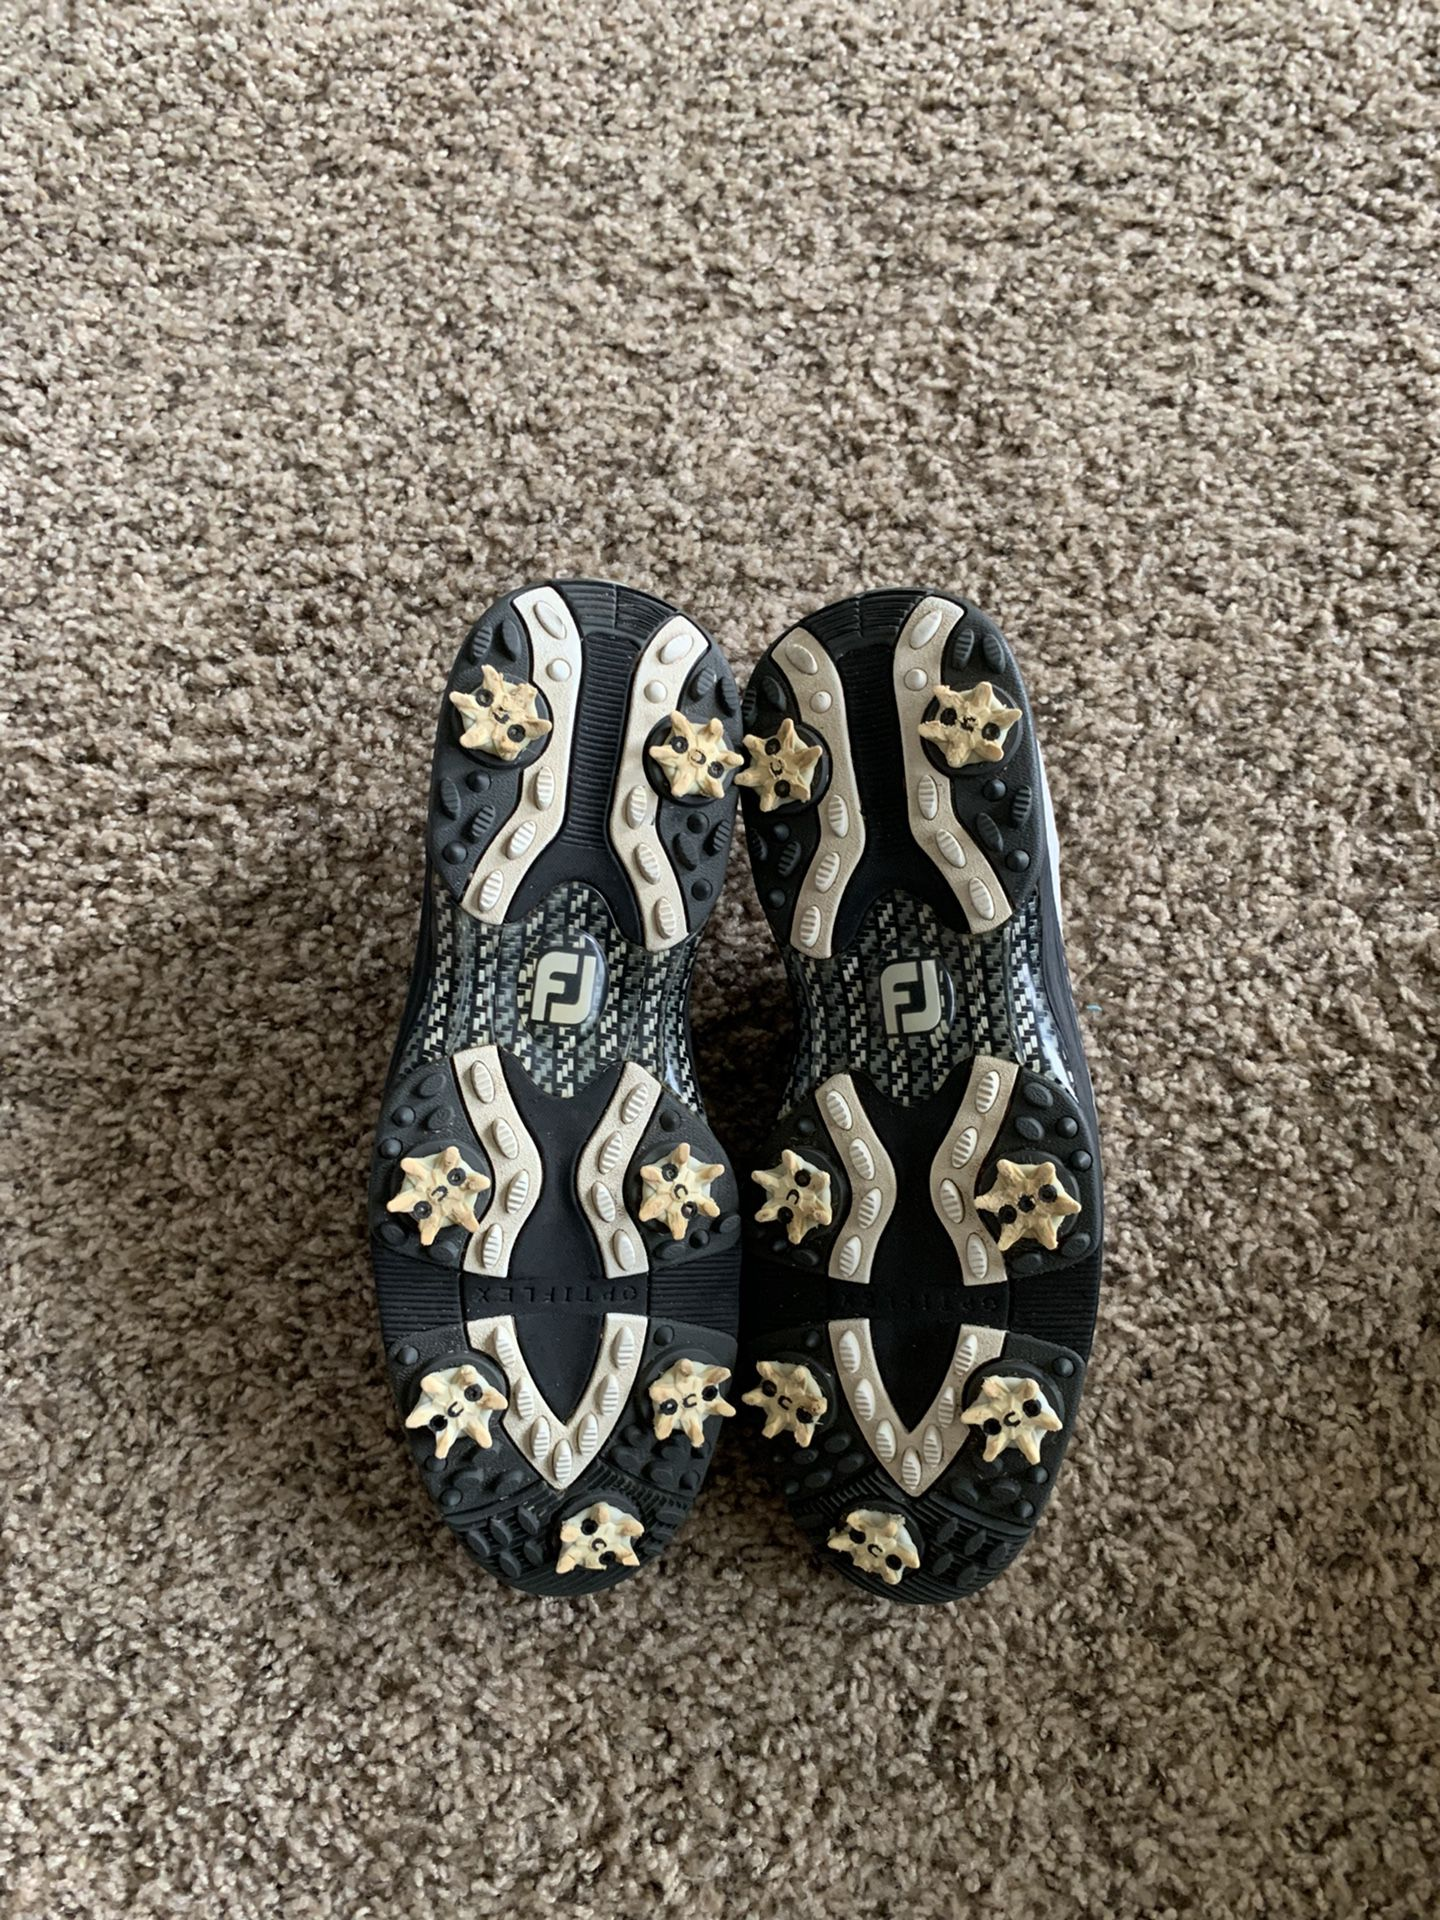 FootJoy Contour Series Golf Shoes Men's Size 11W